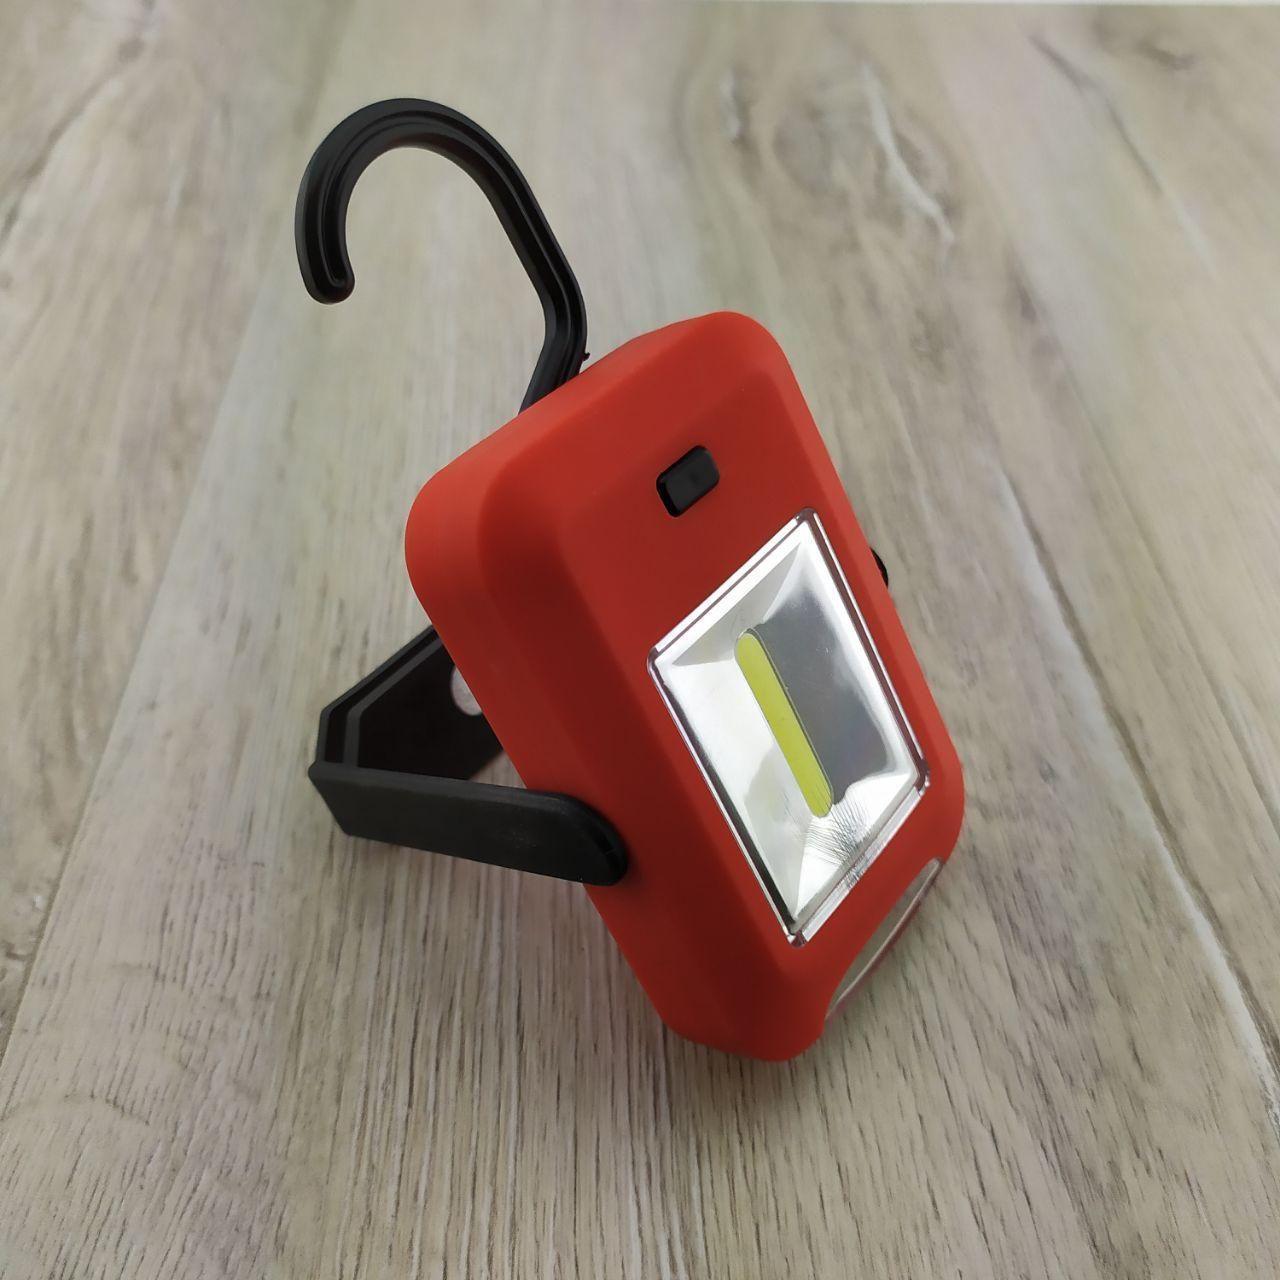 Кемпінговий ліхтар Світильник з гаком для підвішування світлодіодний ліхтарик з магнітом для будинку рибалки